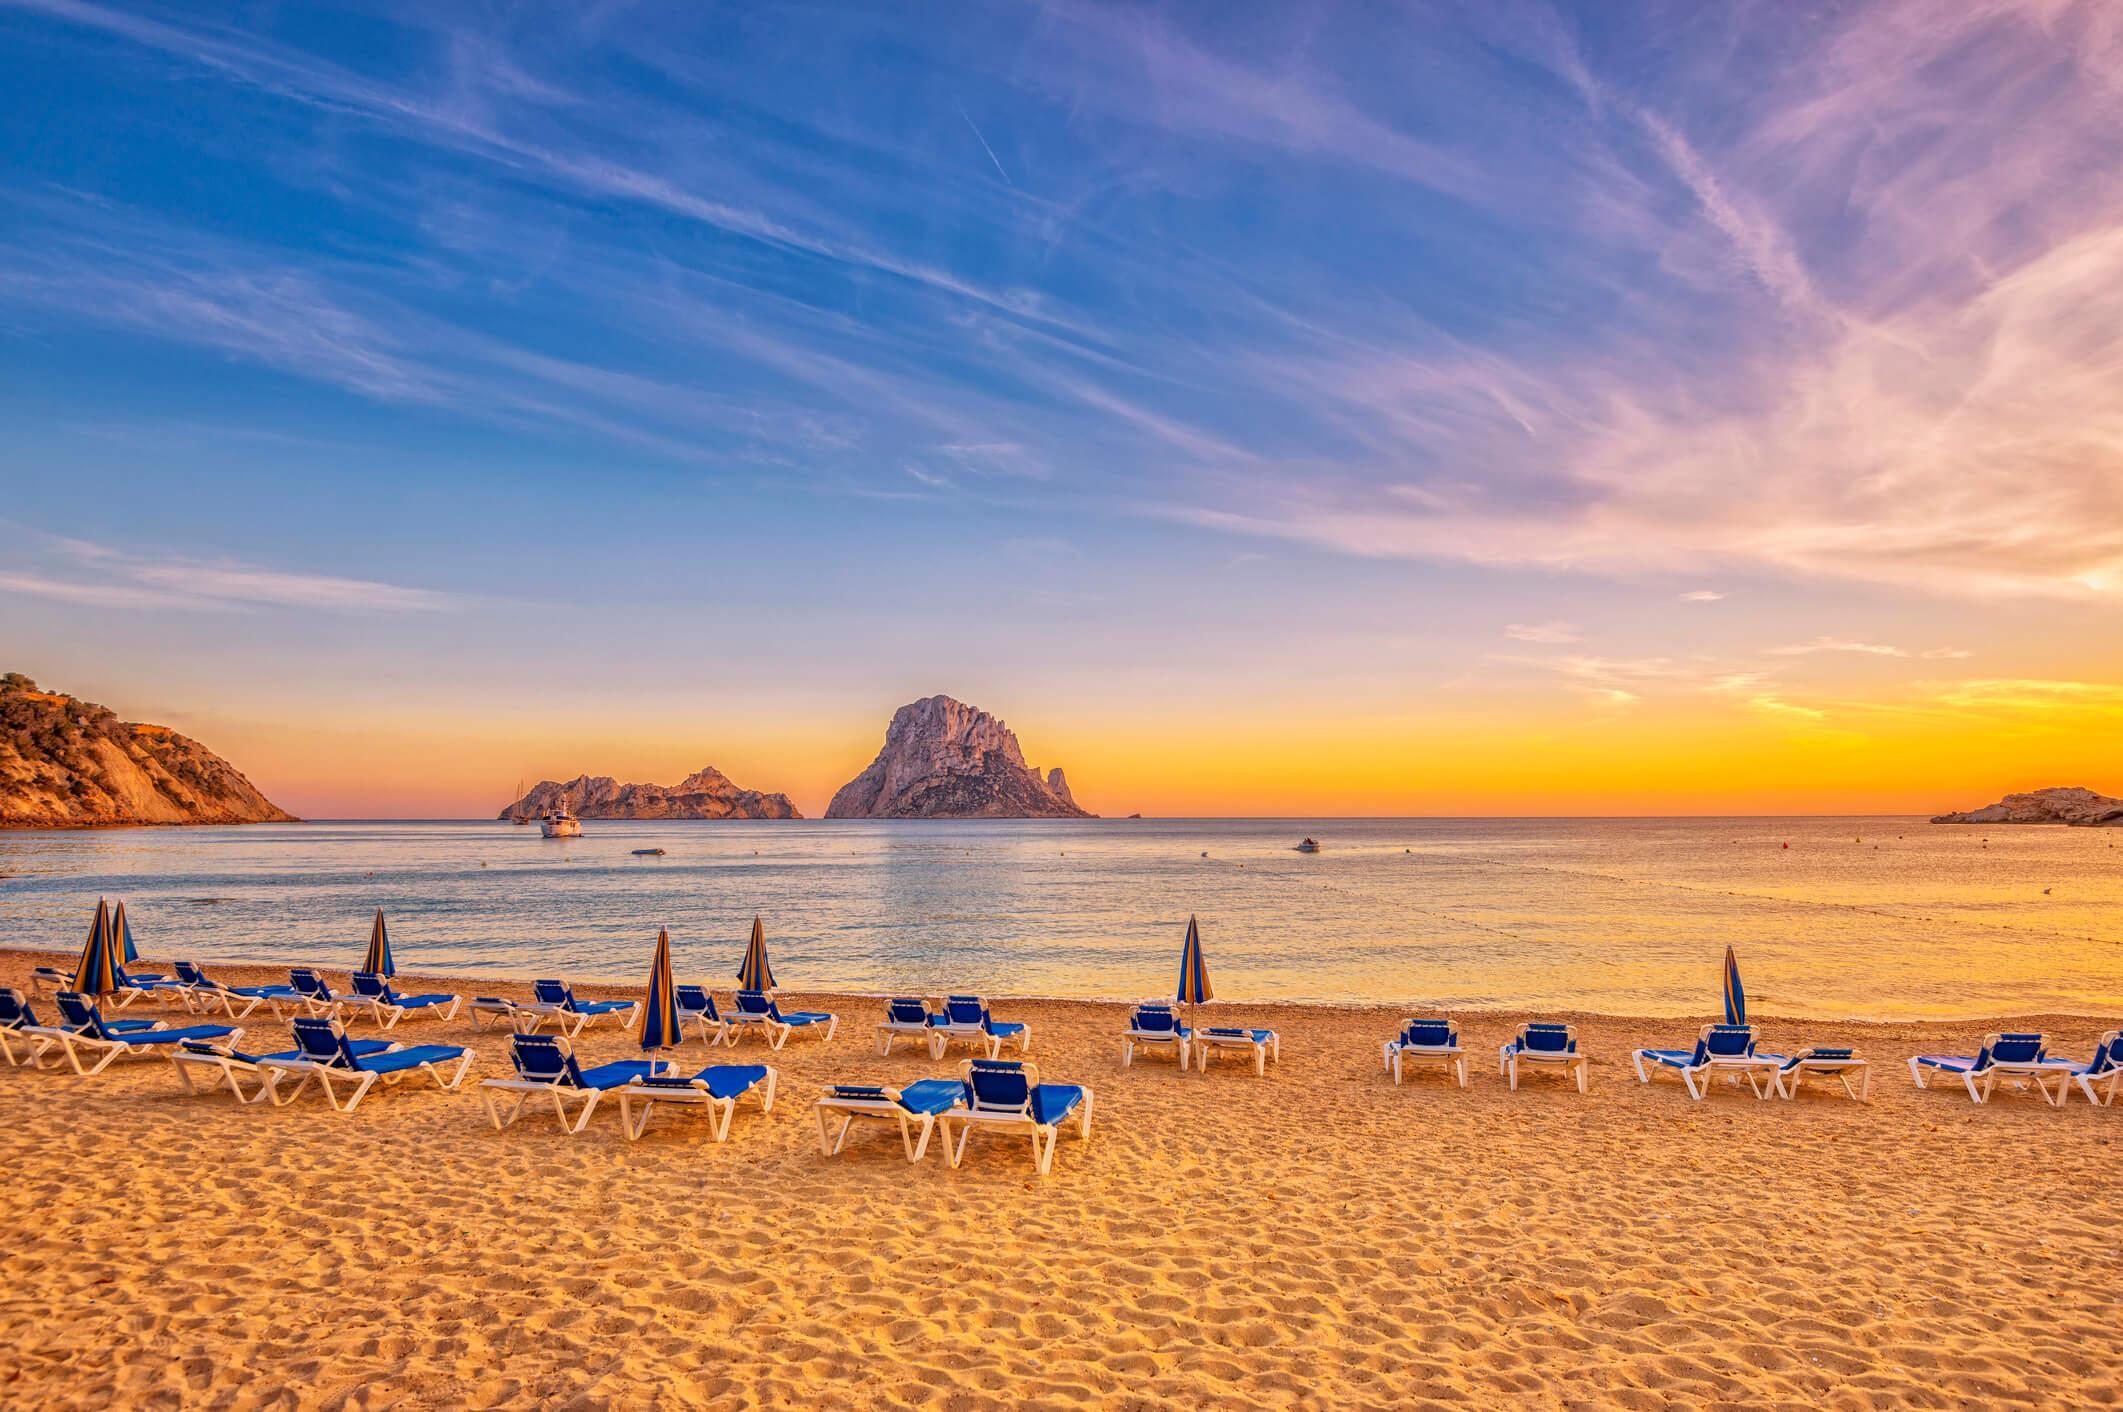 Puesta de sol, Cala d'hort, Ibiza